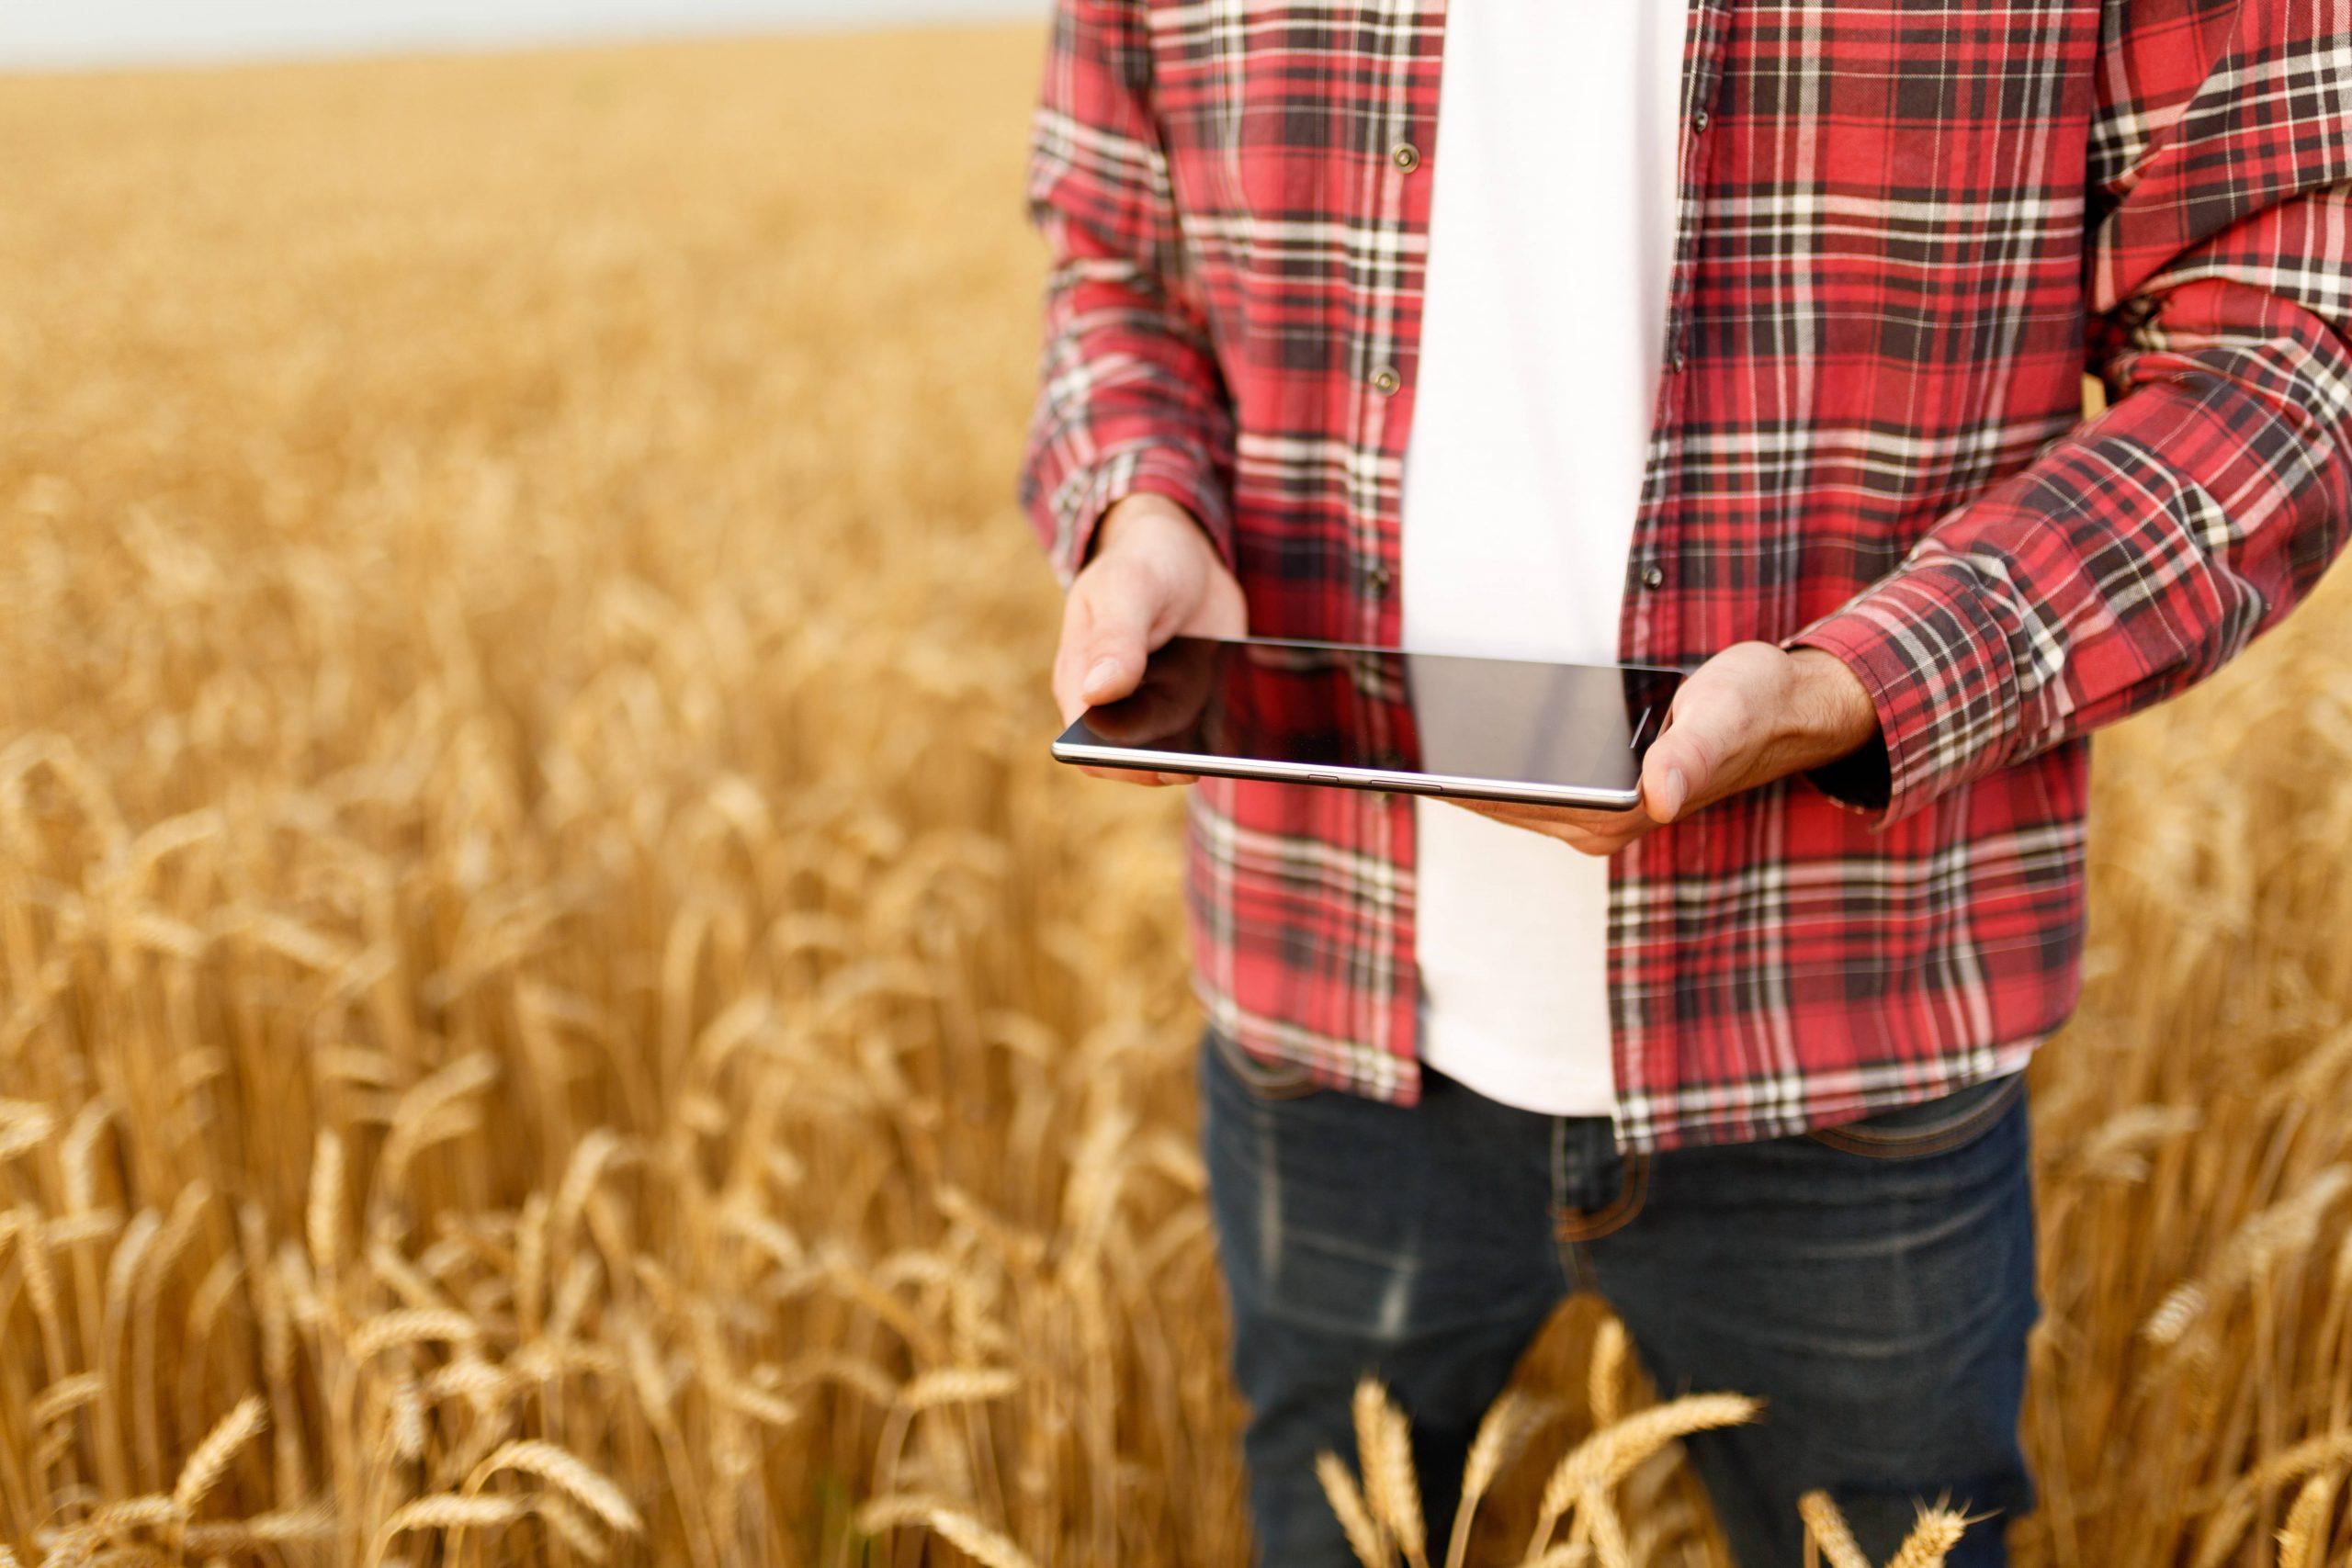 Mayor cobertura de Internet en el rural gallego